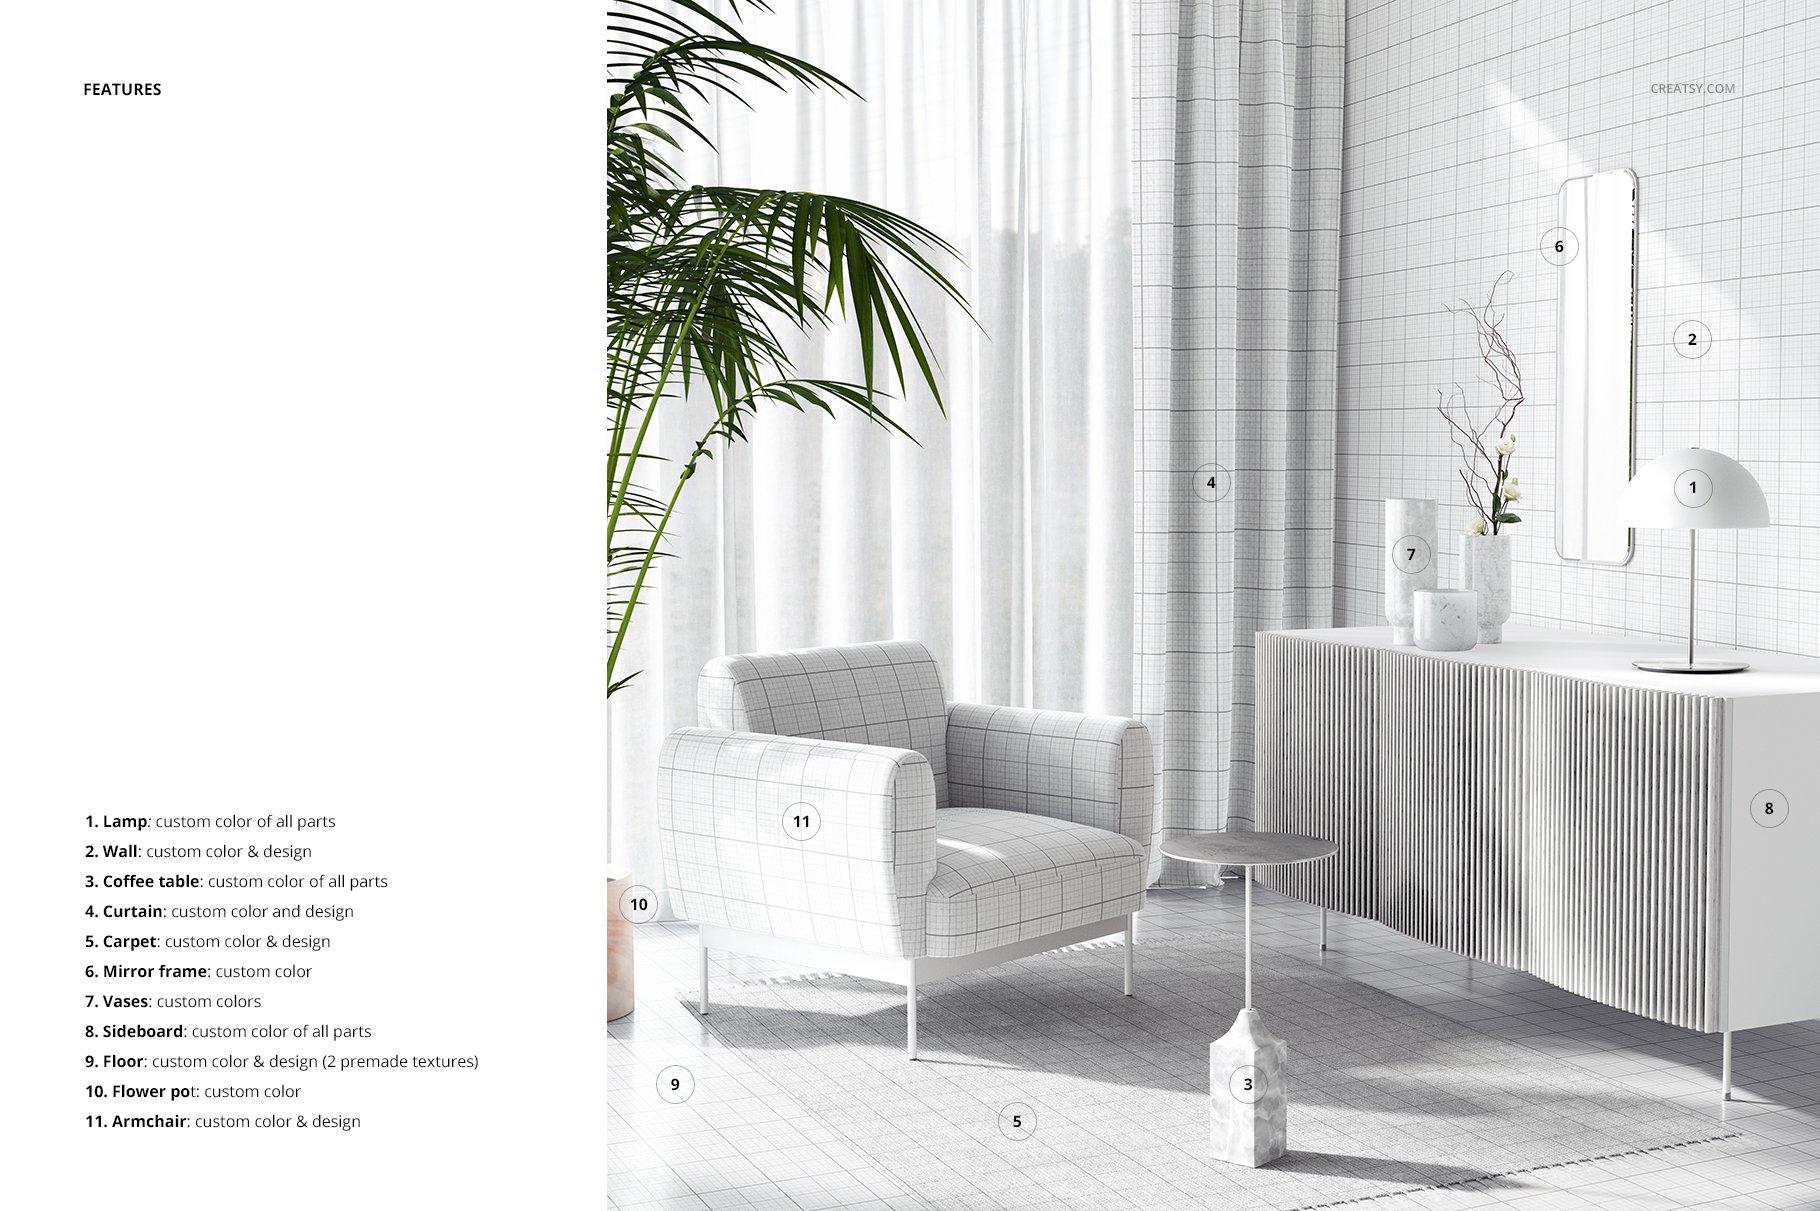 时尚室内沙发印花图案设计贴图PSD样机模板 Interior Scene Mockup插图3